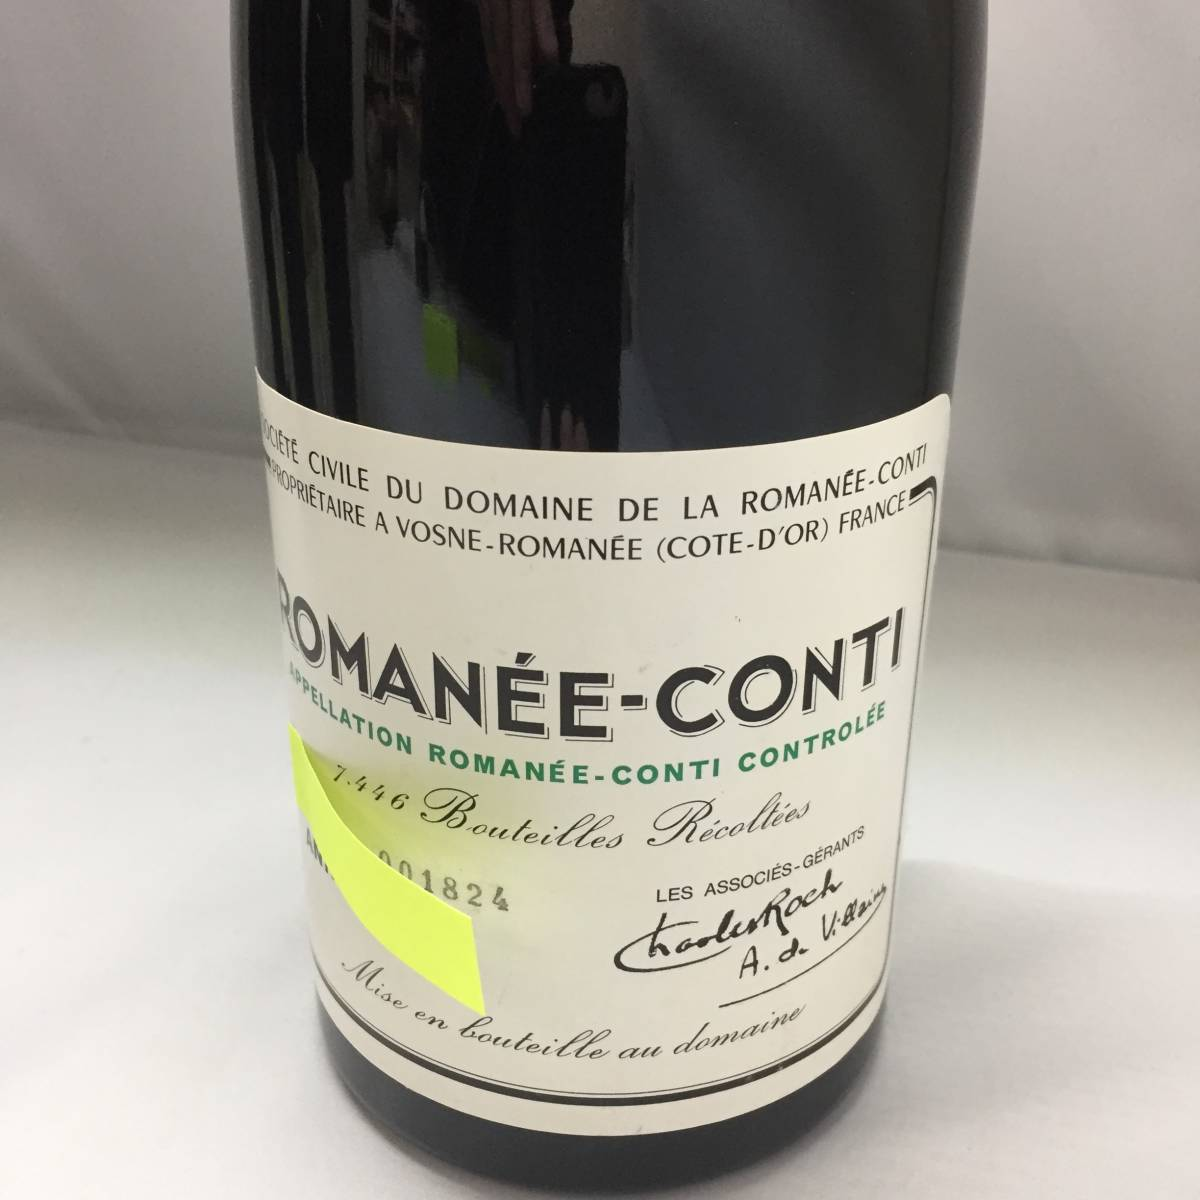 DRC ロマネコンティ 1990年  ドメーヌ・ド・ラ・ロマネコンティ 赤_画像3